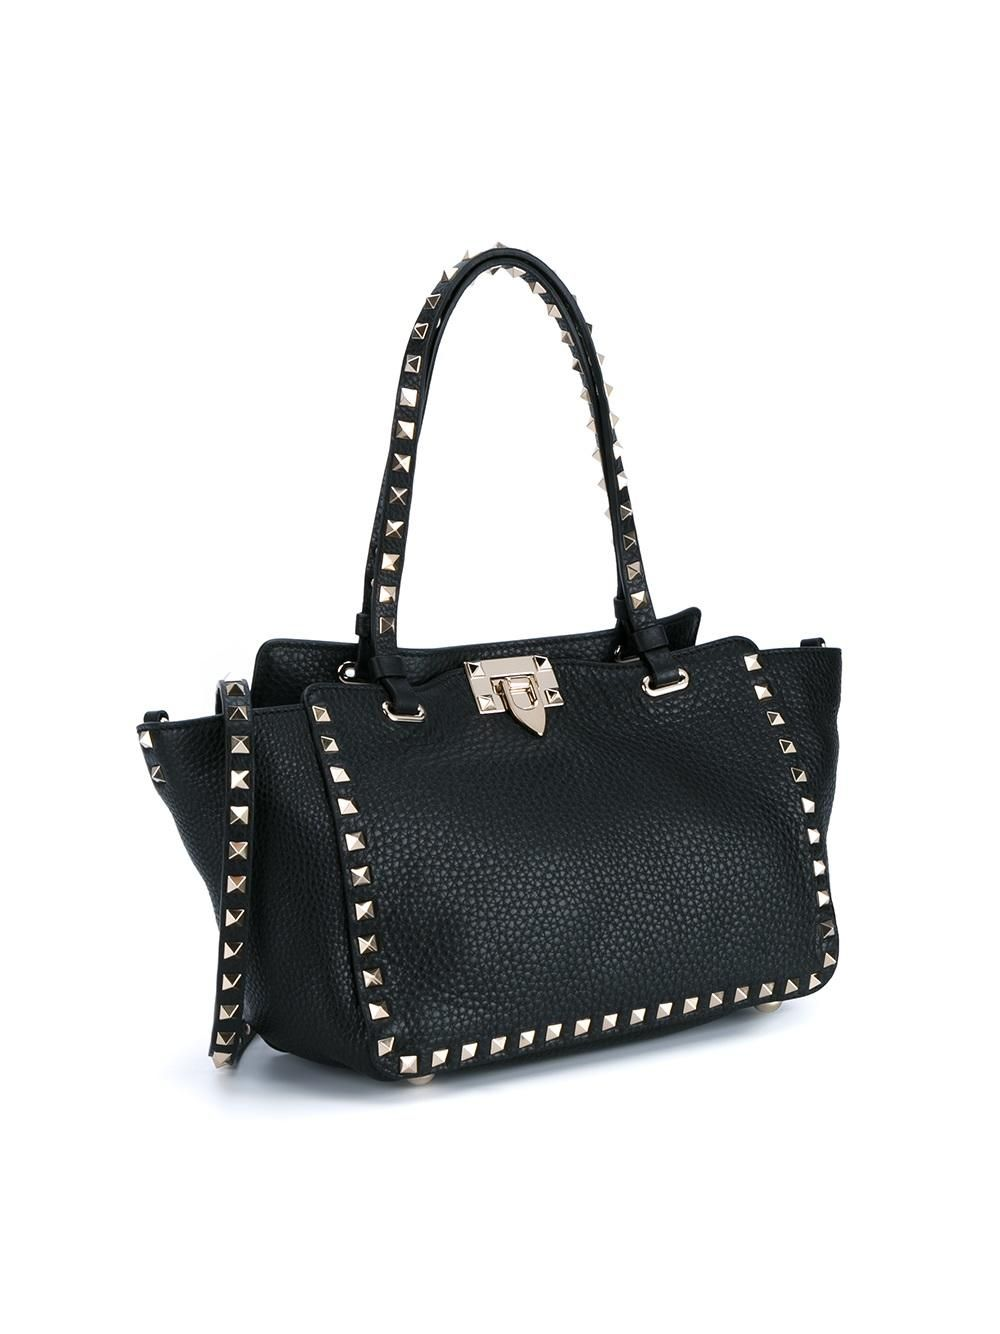 Valentino Valentino Garavani 'Rockstud' trapeze tote Women Bags,valentino  garavani sneakers,affordable